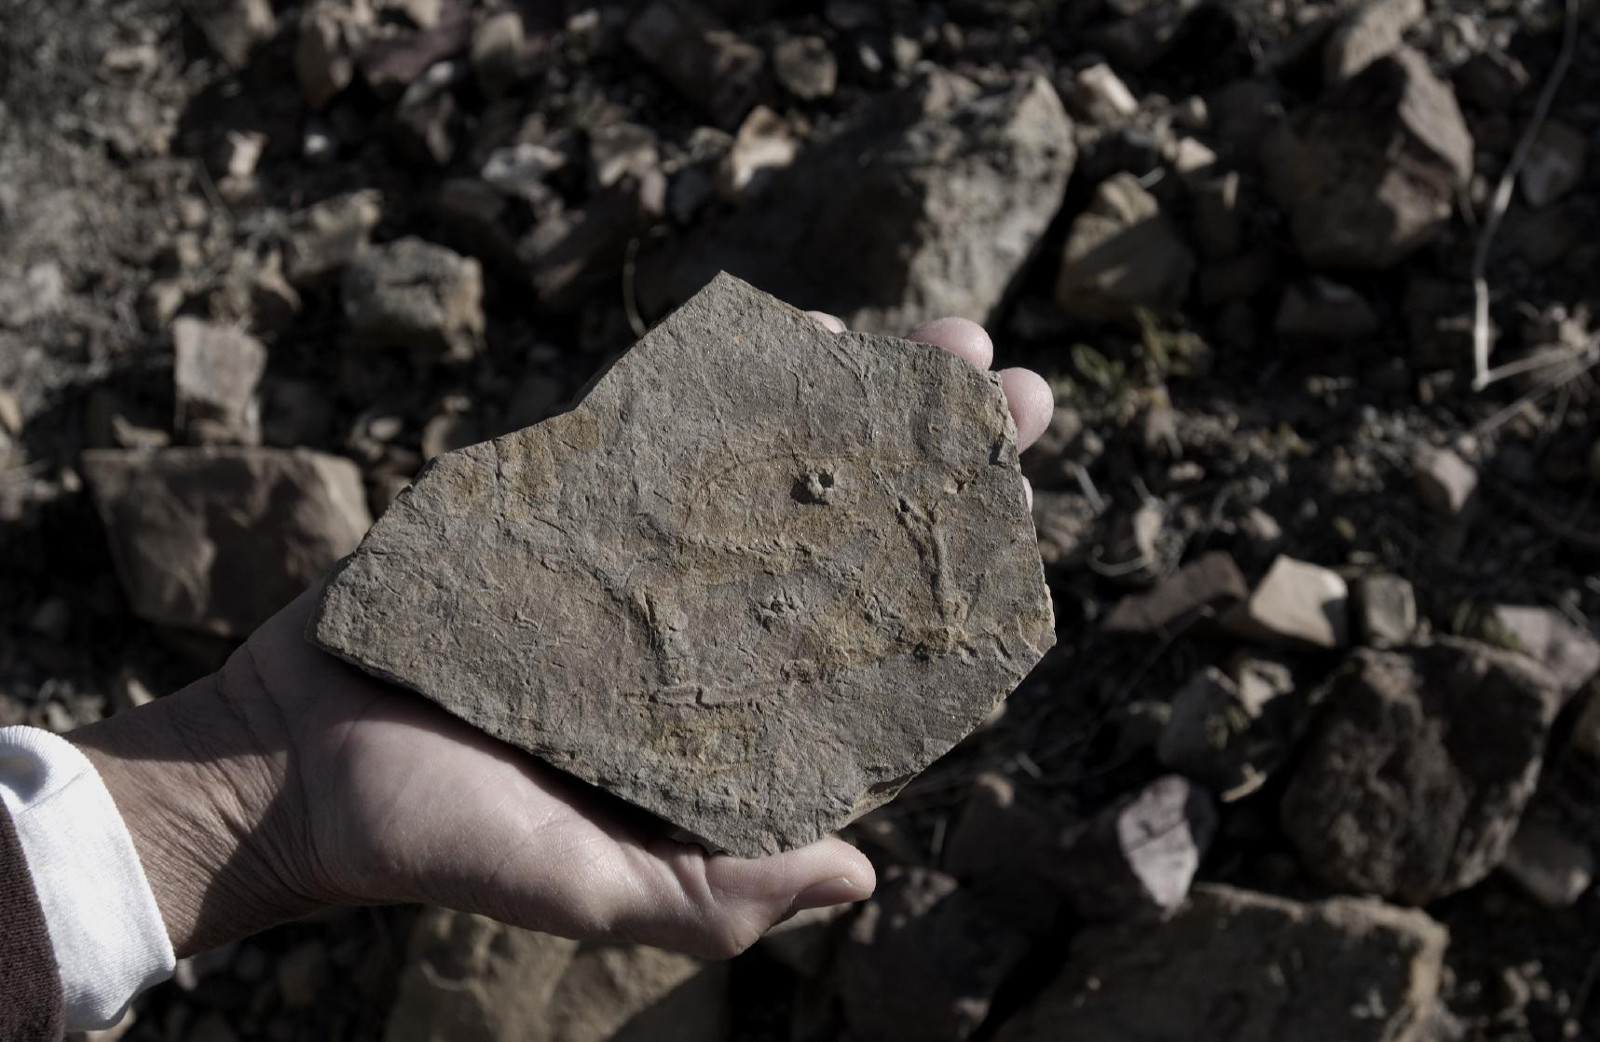 Pikaia Fossils Explode the Evolutionary Paradigm